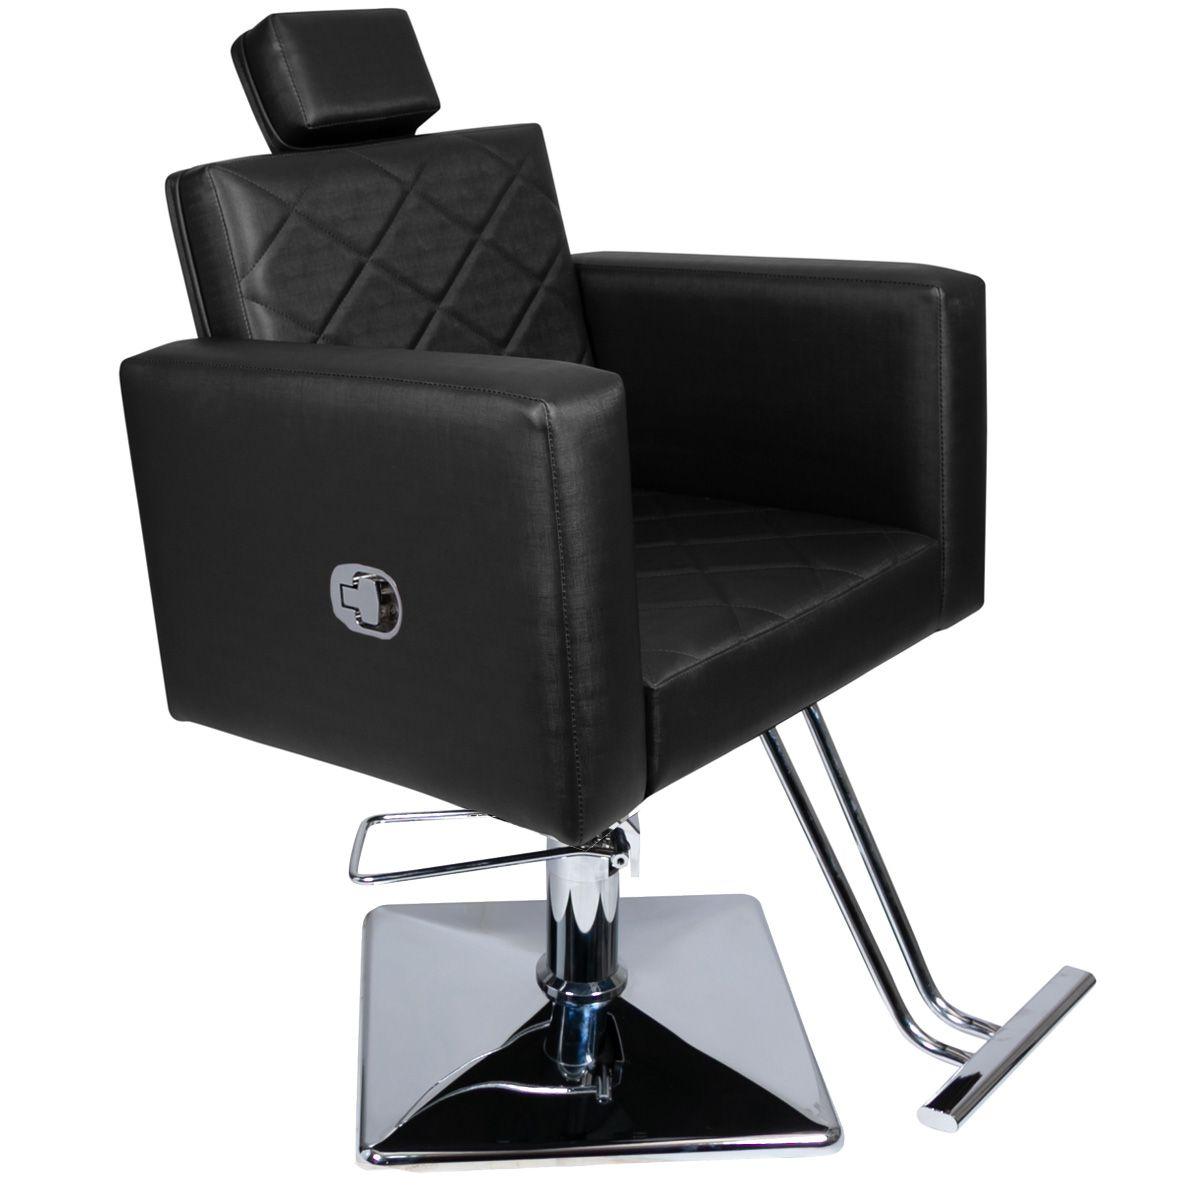 KIT Evidence -1 Cadeira Reclinável + 1 Lavatório - Base Quadrada